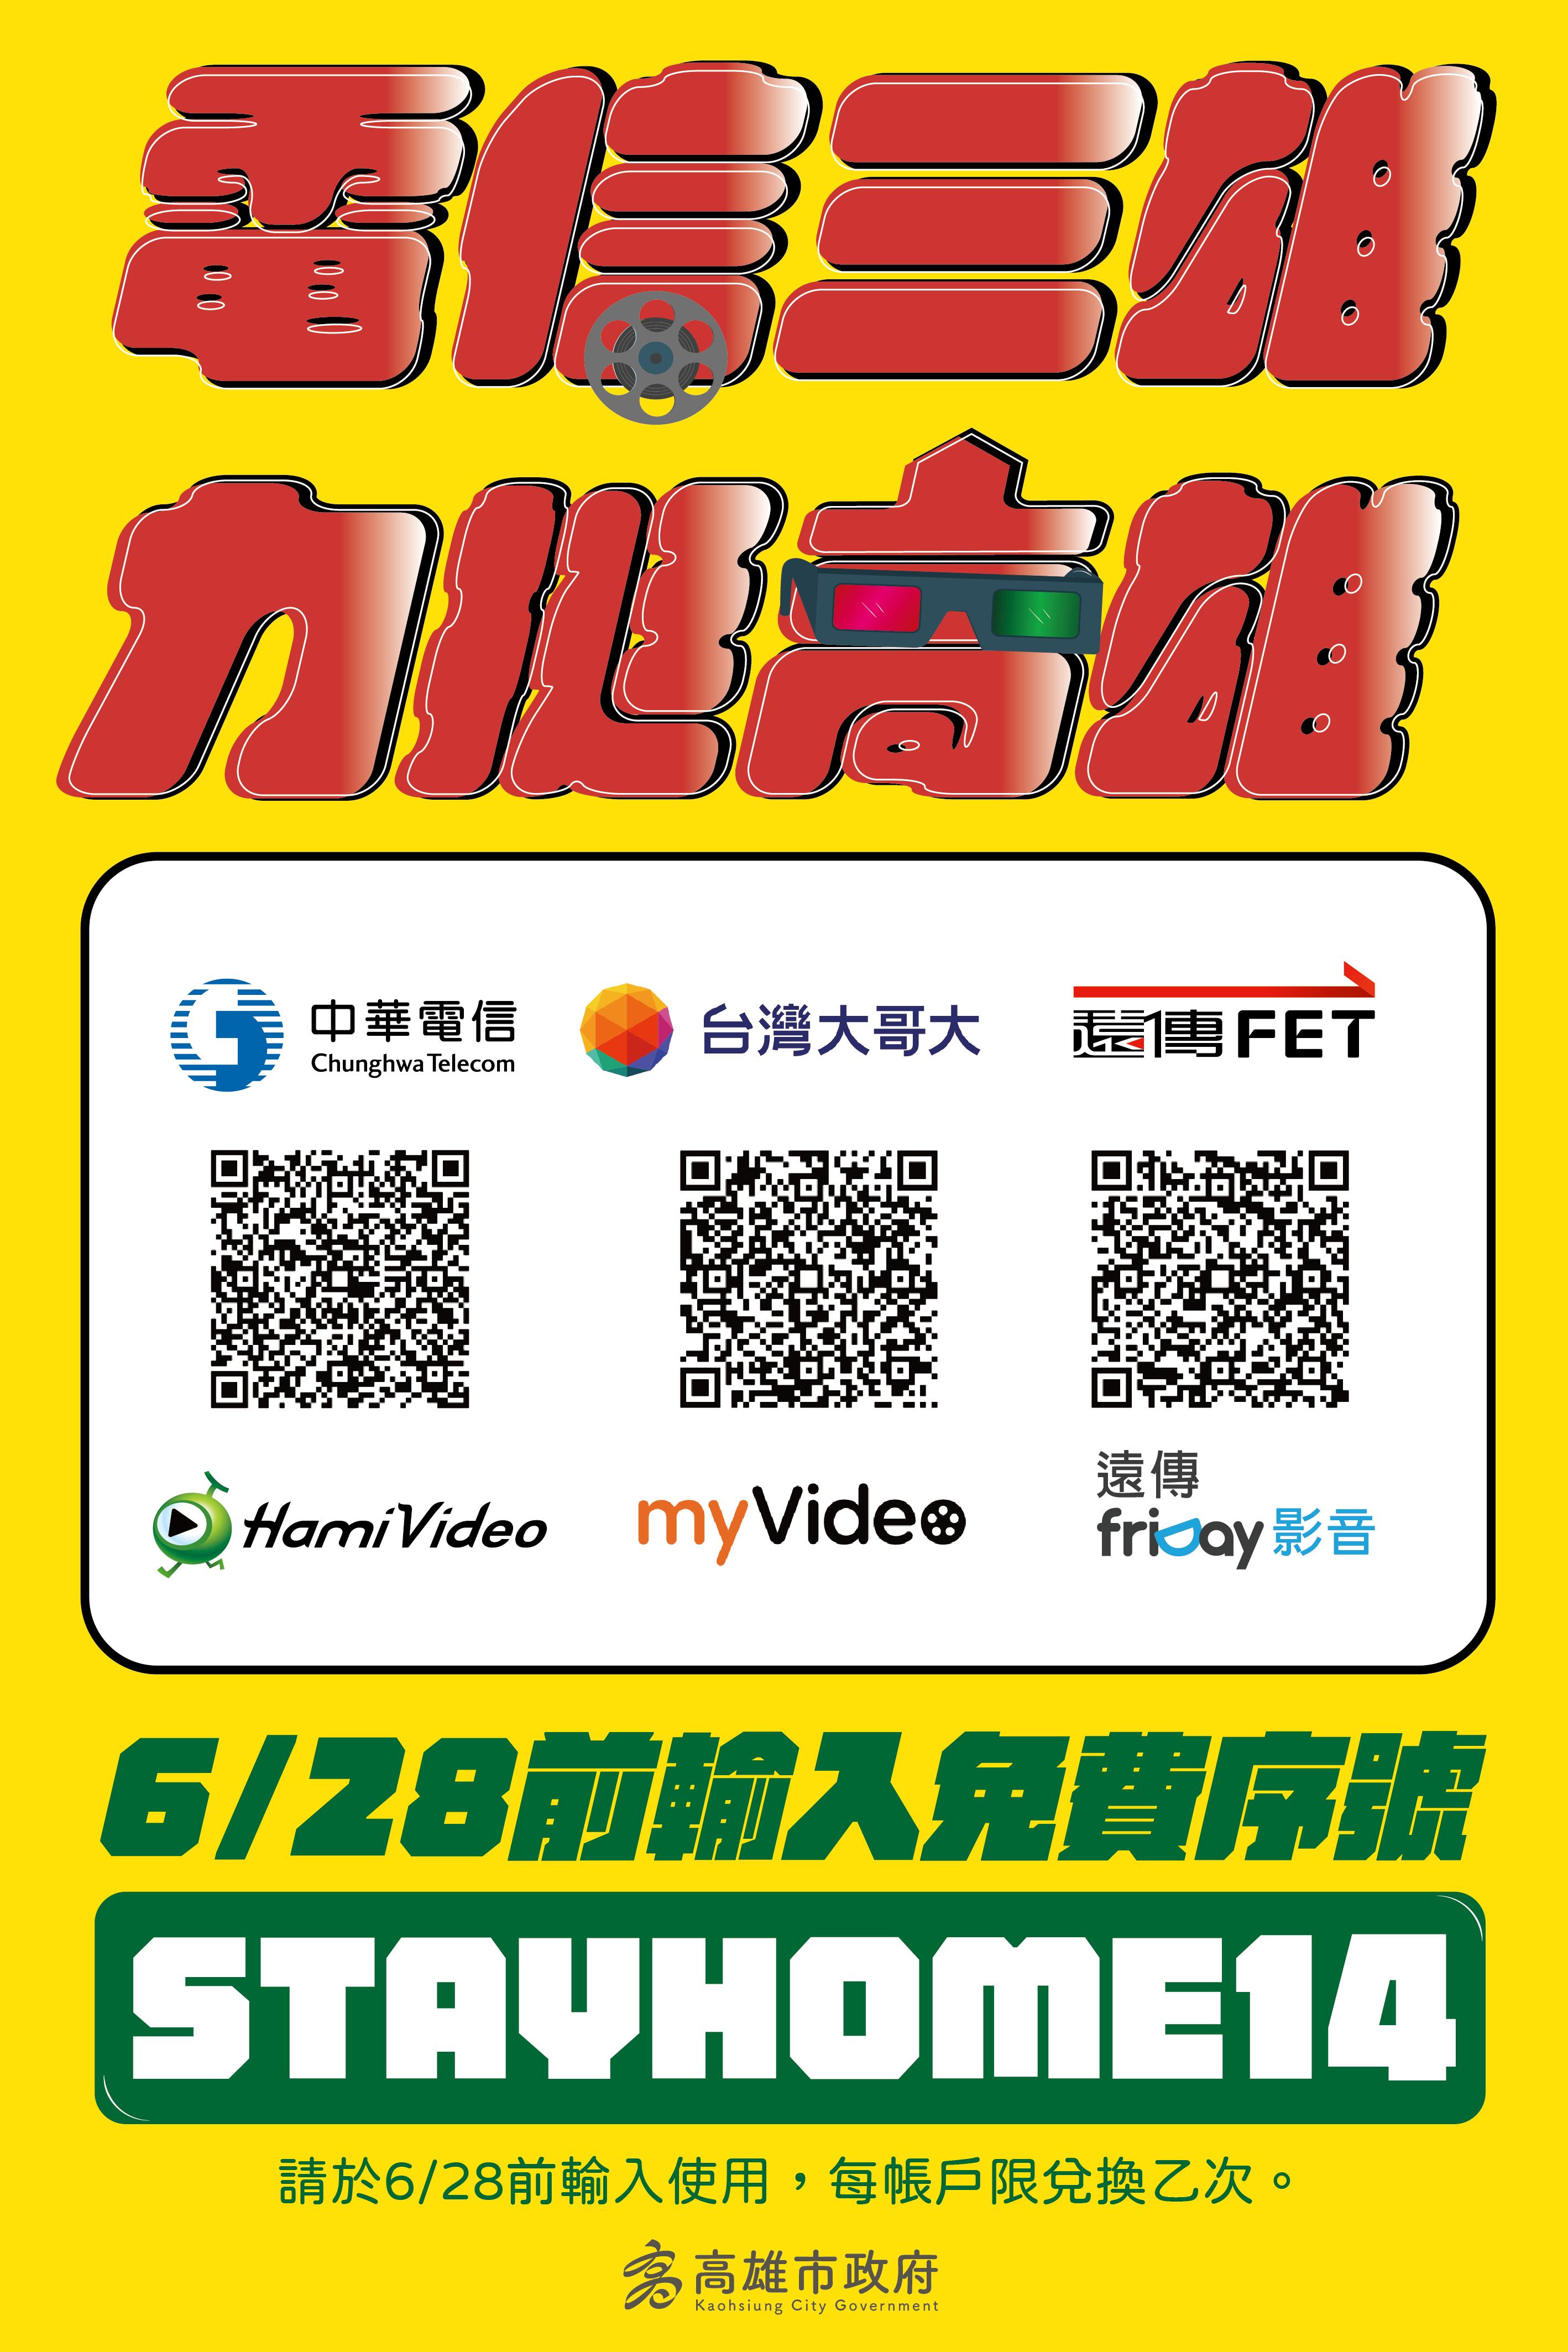 0609電信三雄_fi.png